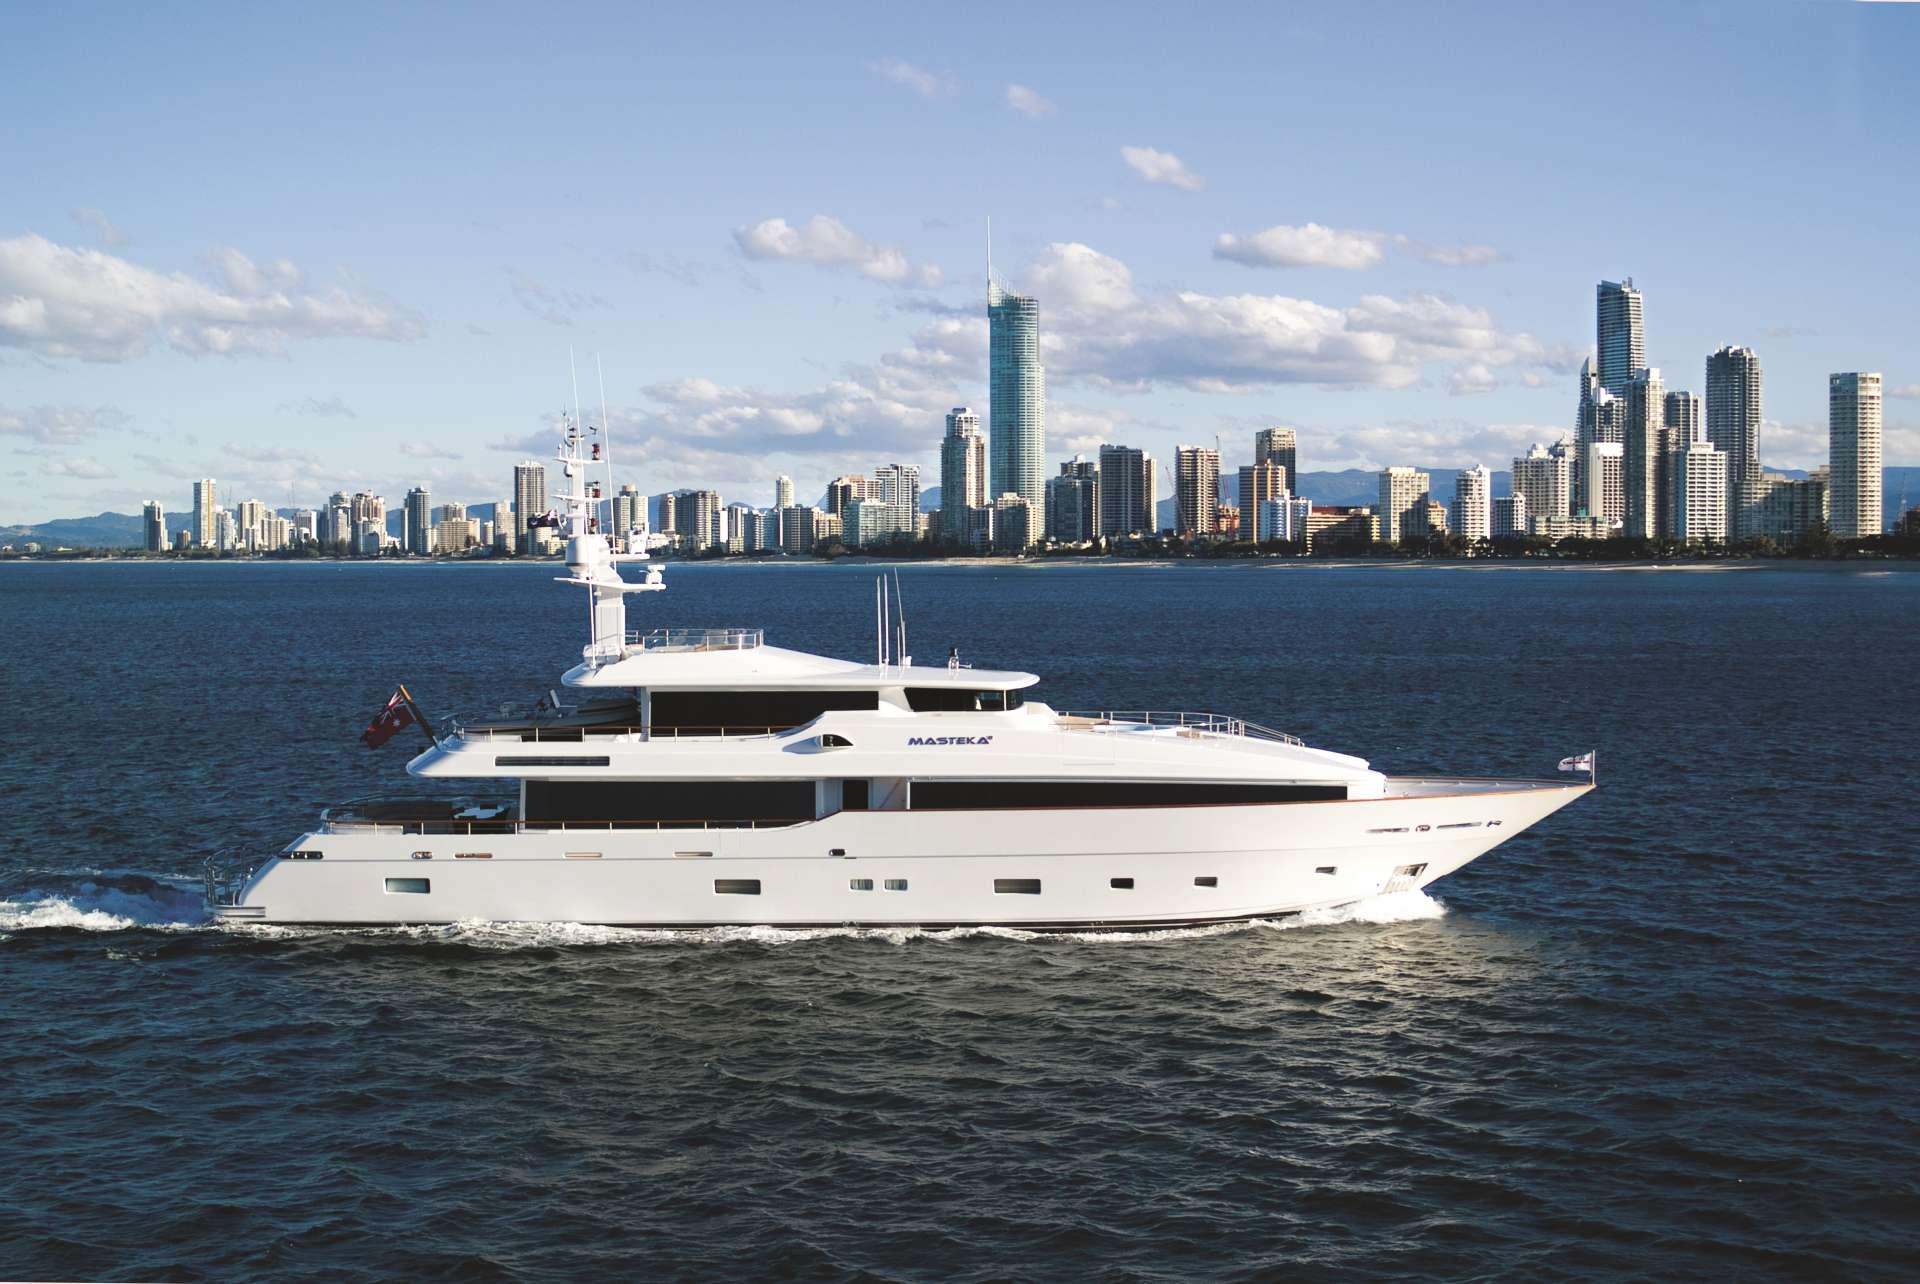 Main image of MASTEKA 2 yacht